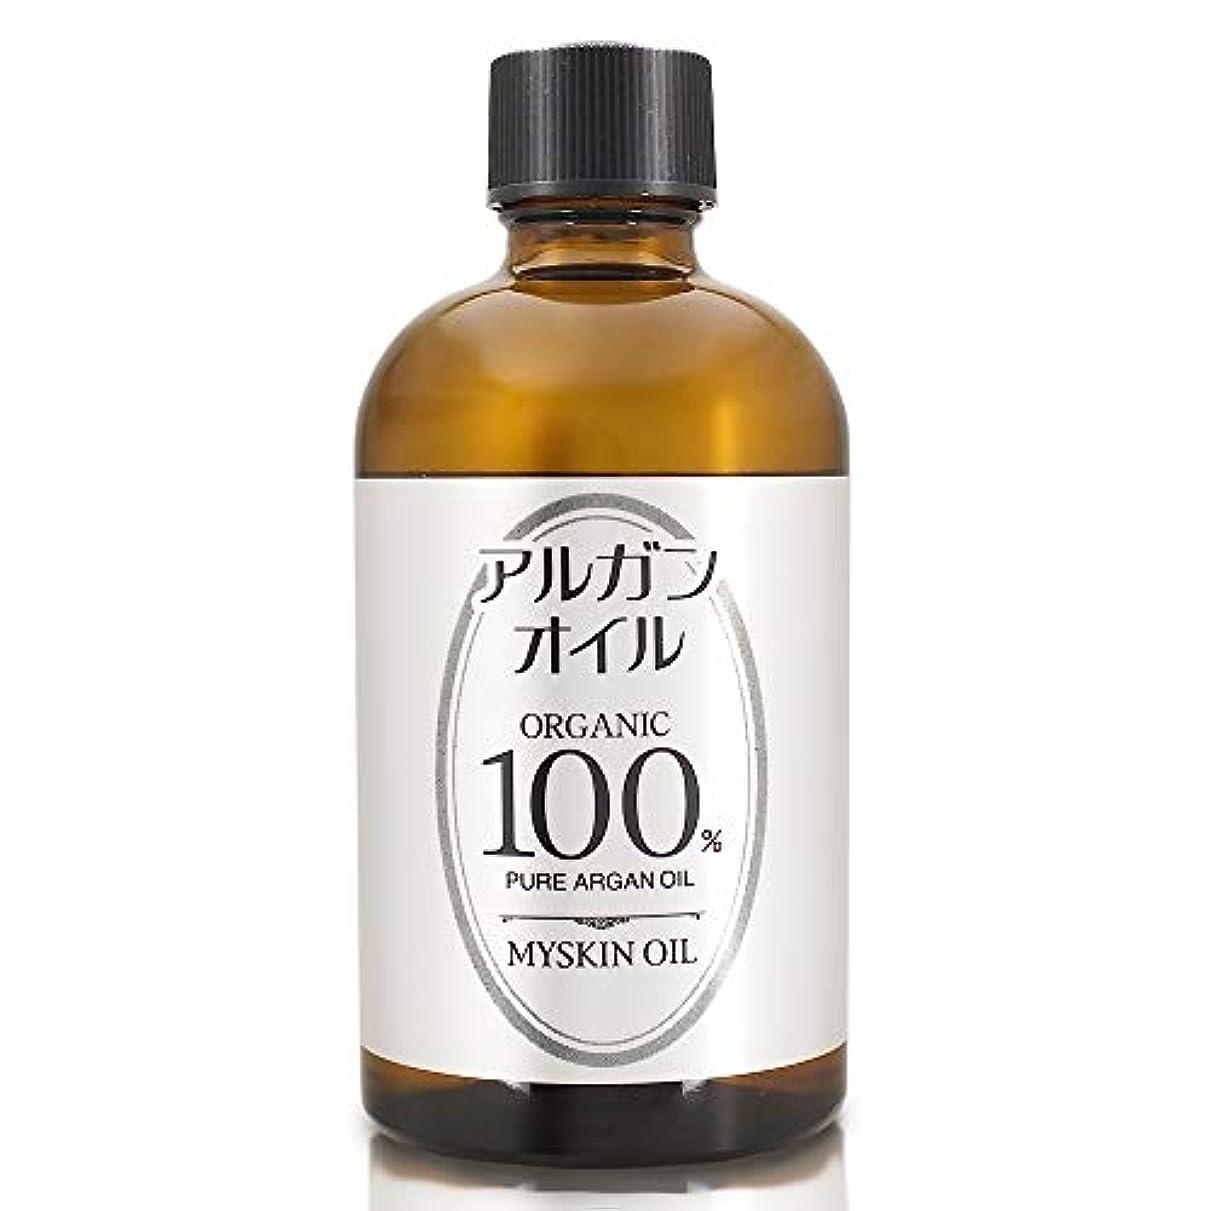 バンドル失望種アルガンオイル 120ml【無添加】